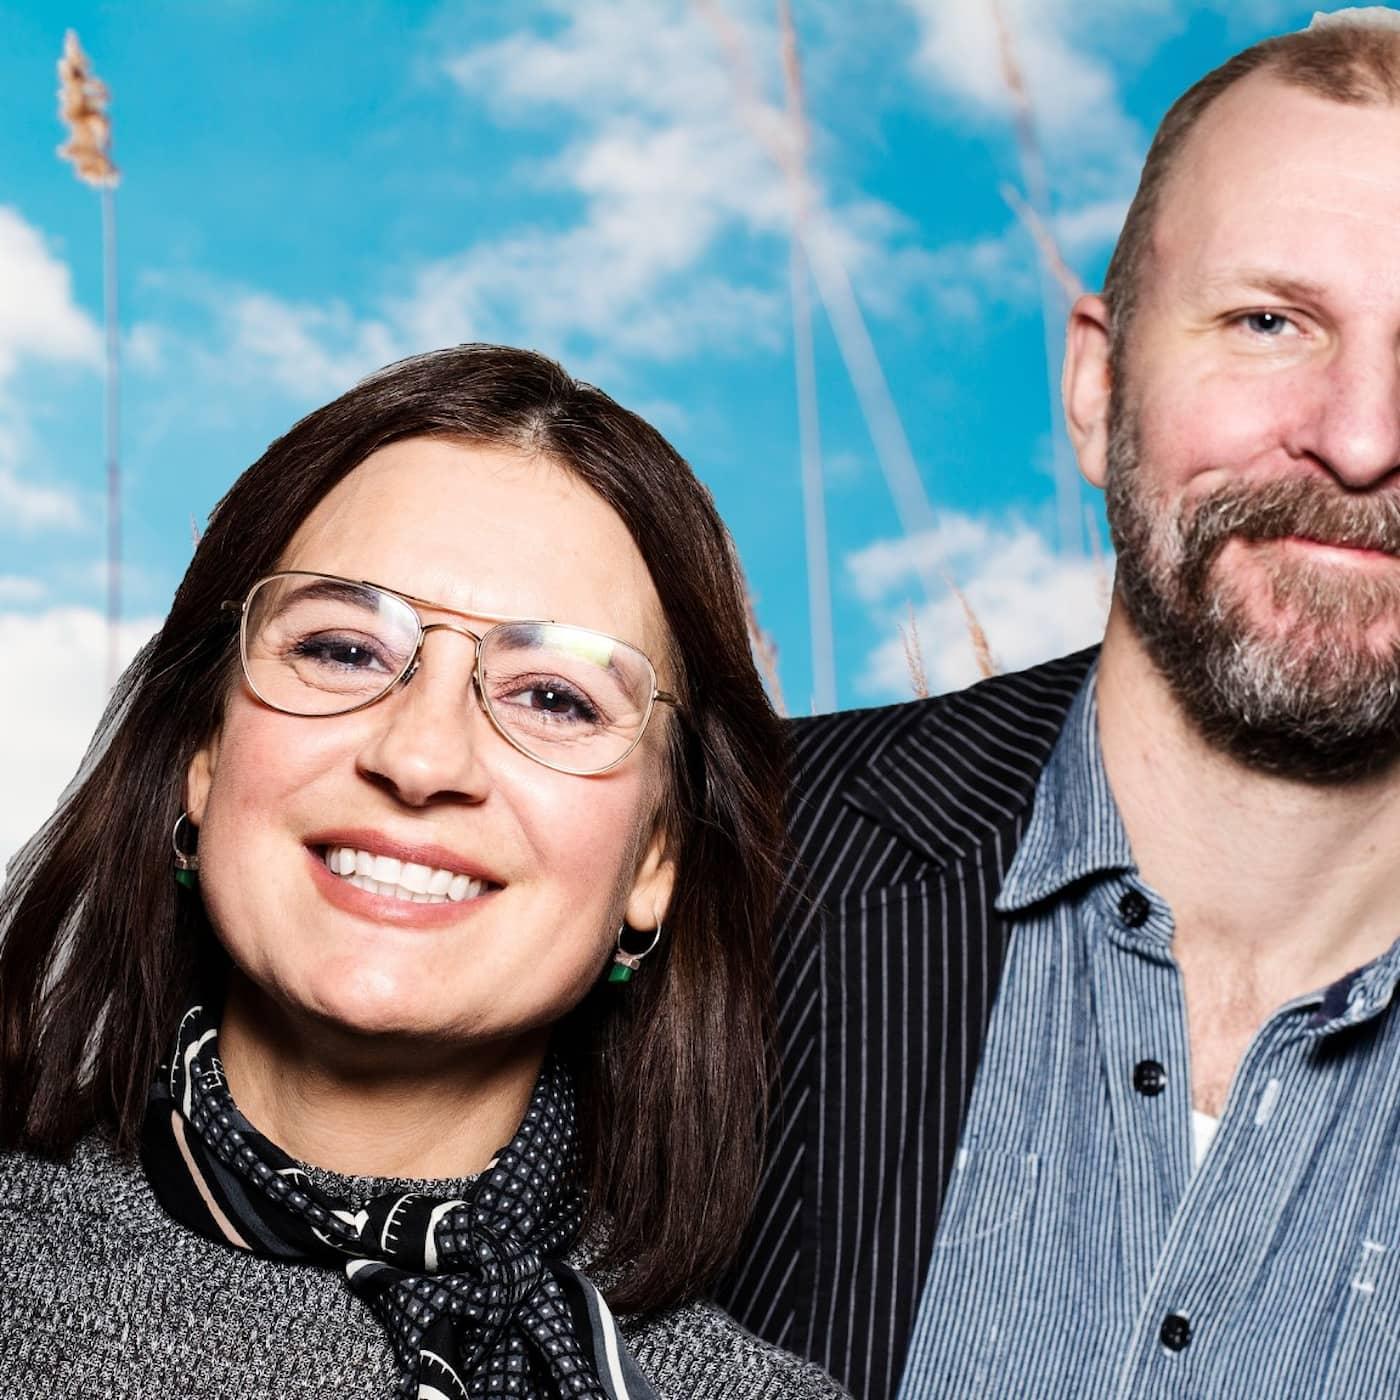 Är svensk narkotikapolitik extrem? Sommartalkshow med Kalle Lind & Susanna Dzamic